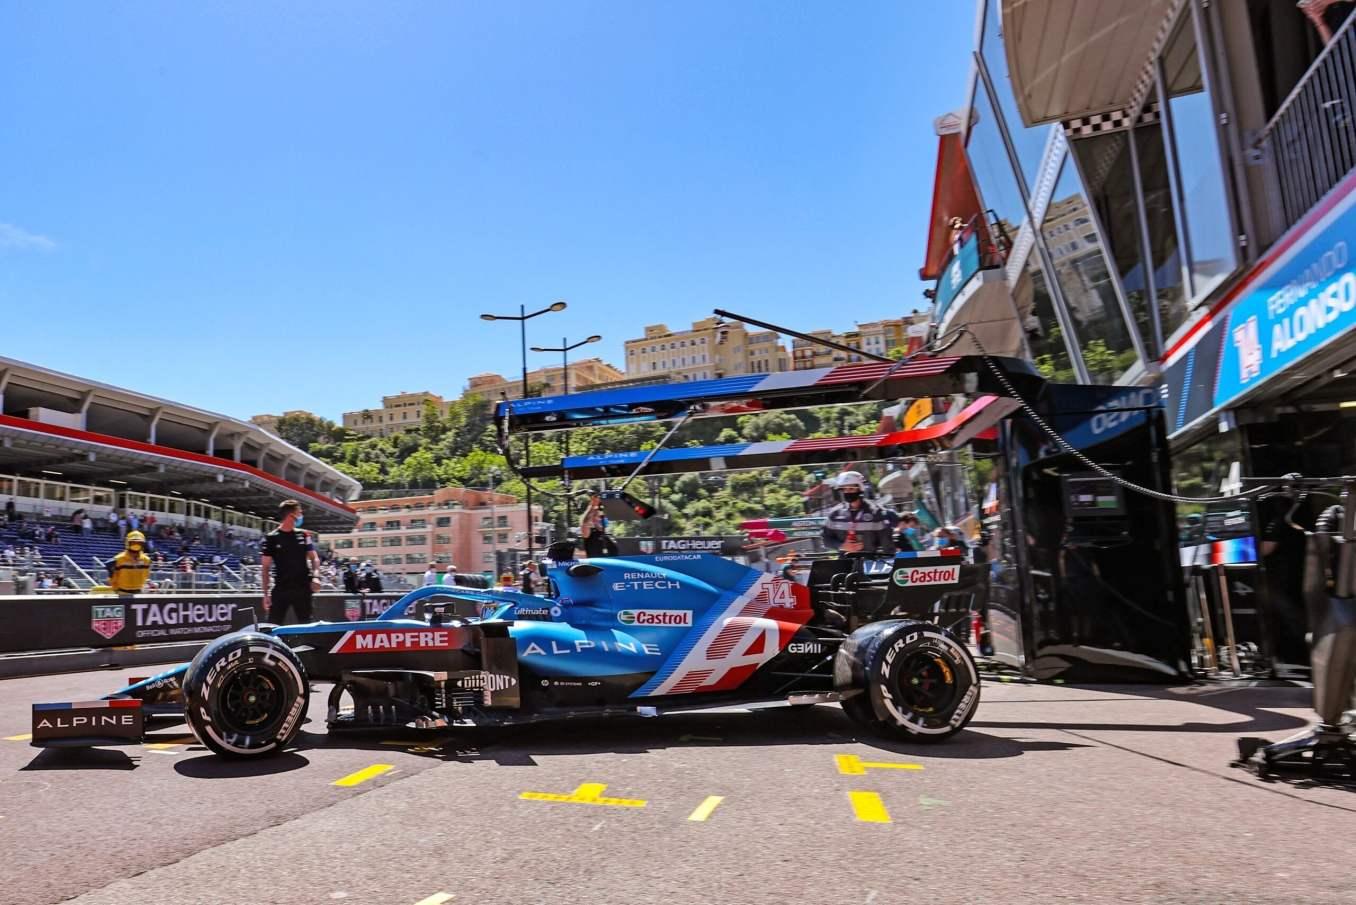 Alpine F1 Team A521 Alonso Ocon Monaco essais 2021